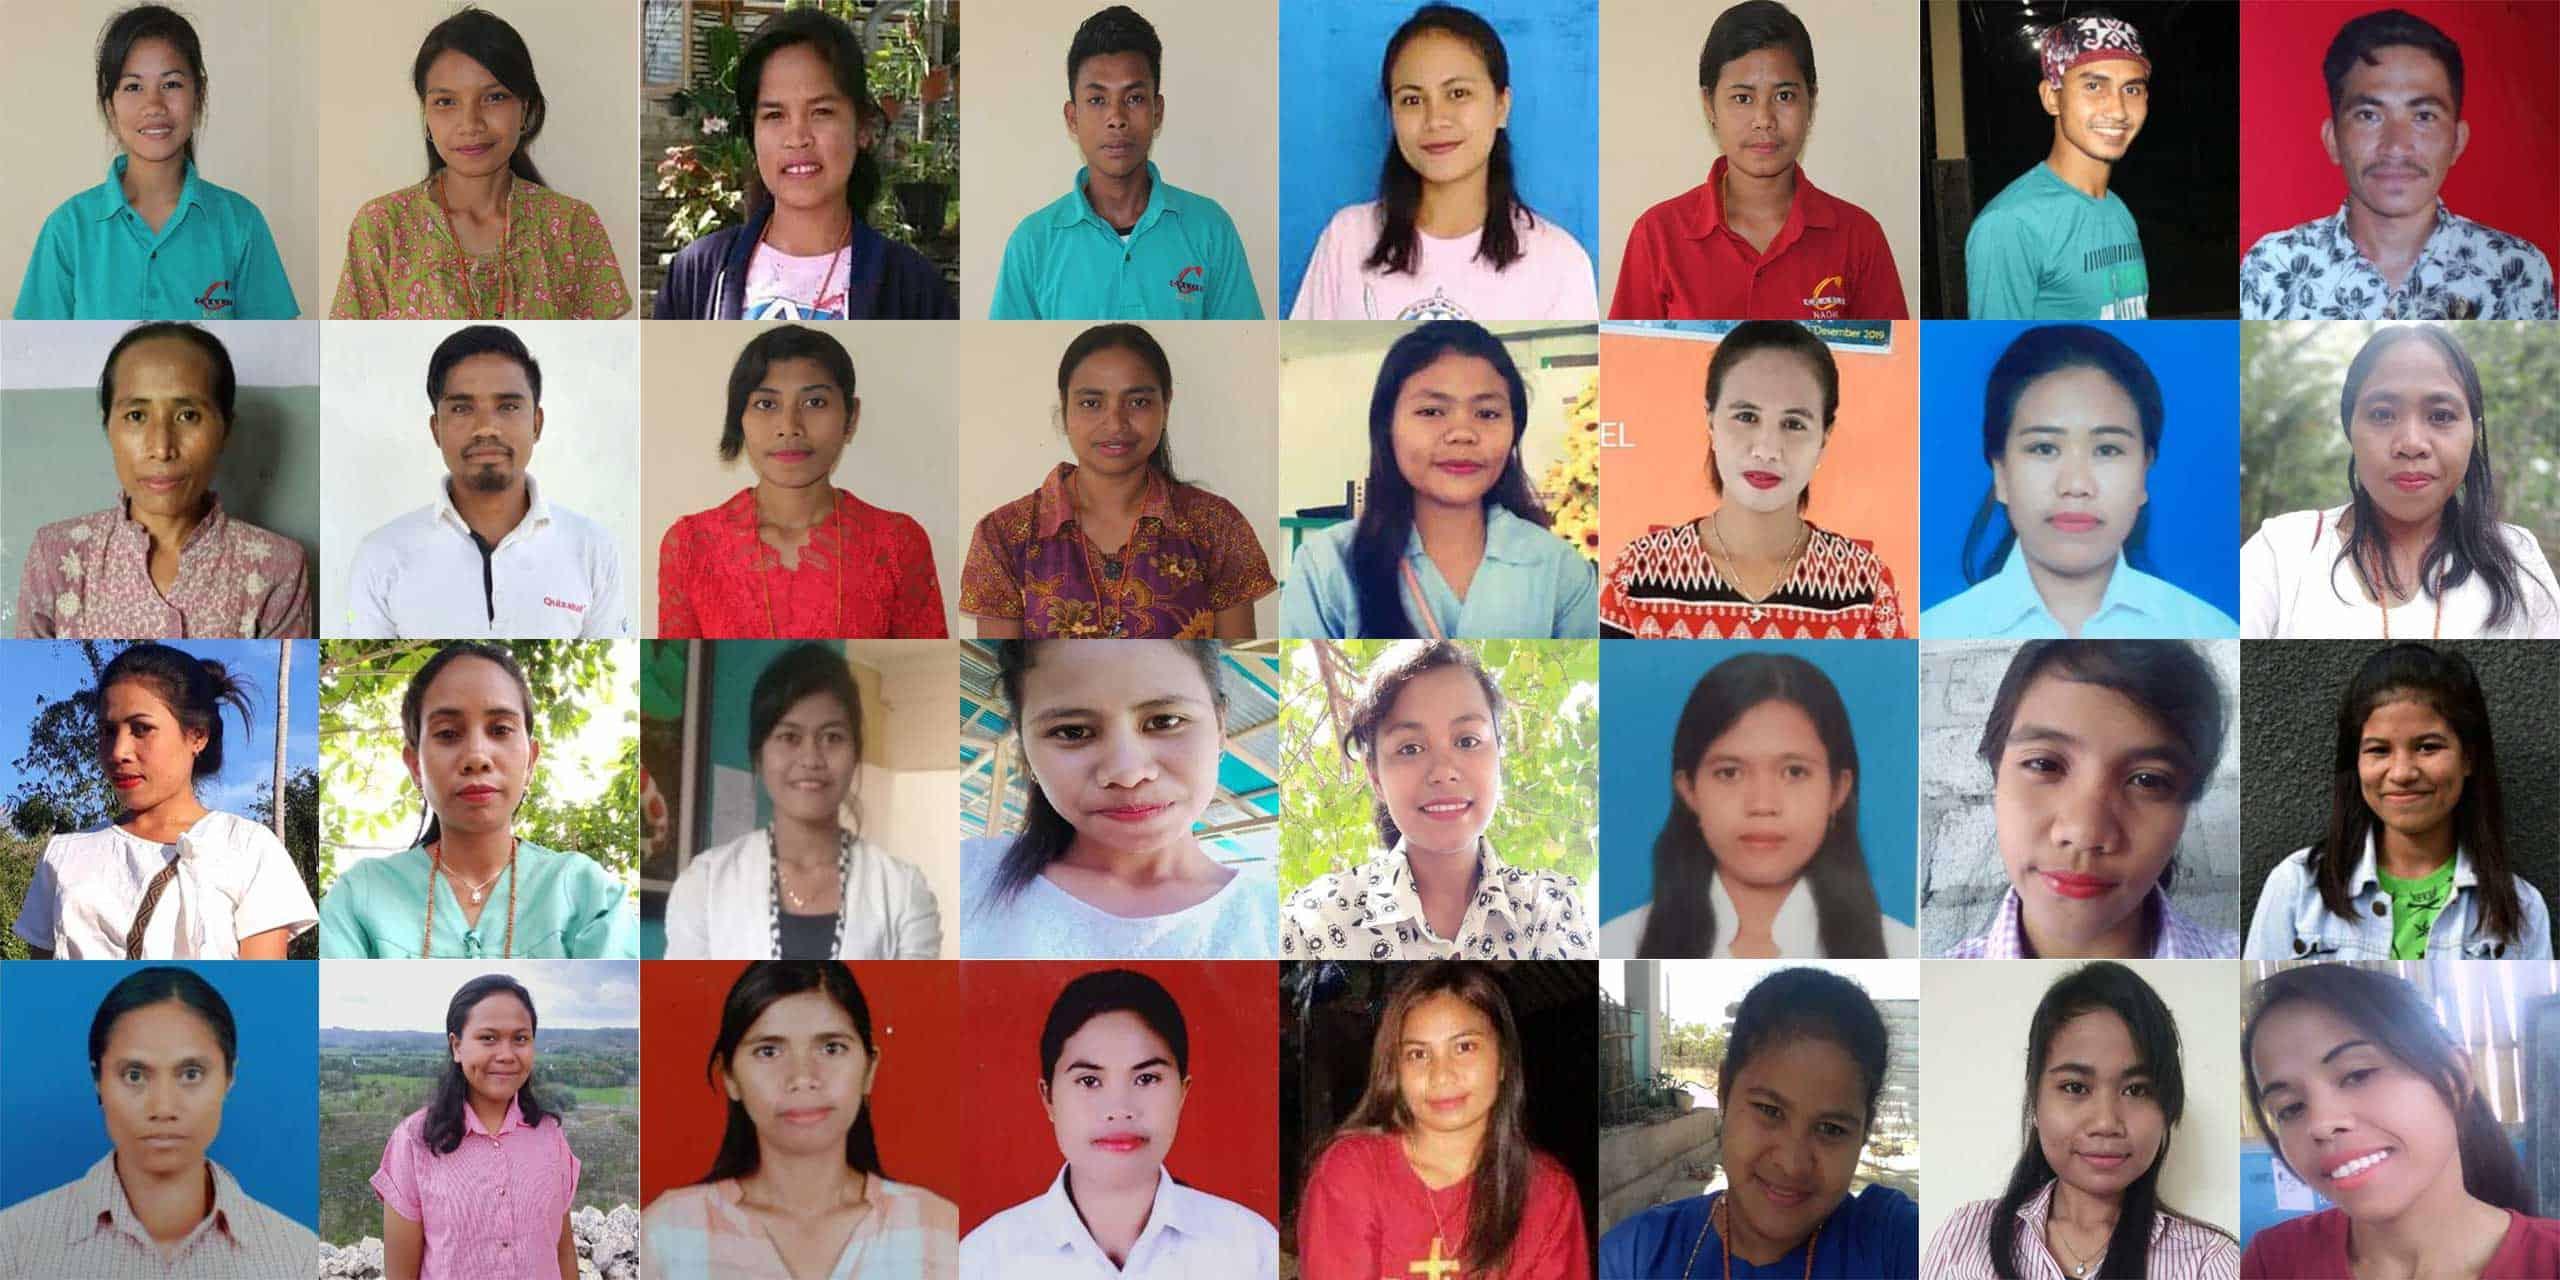 Une photo des 37 enseignants worikin dans les écoles rurales de Sumba